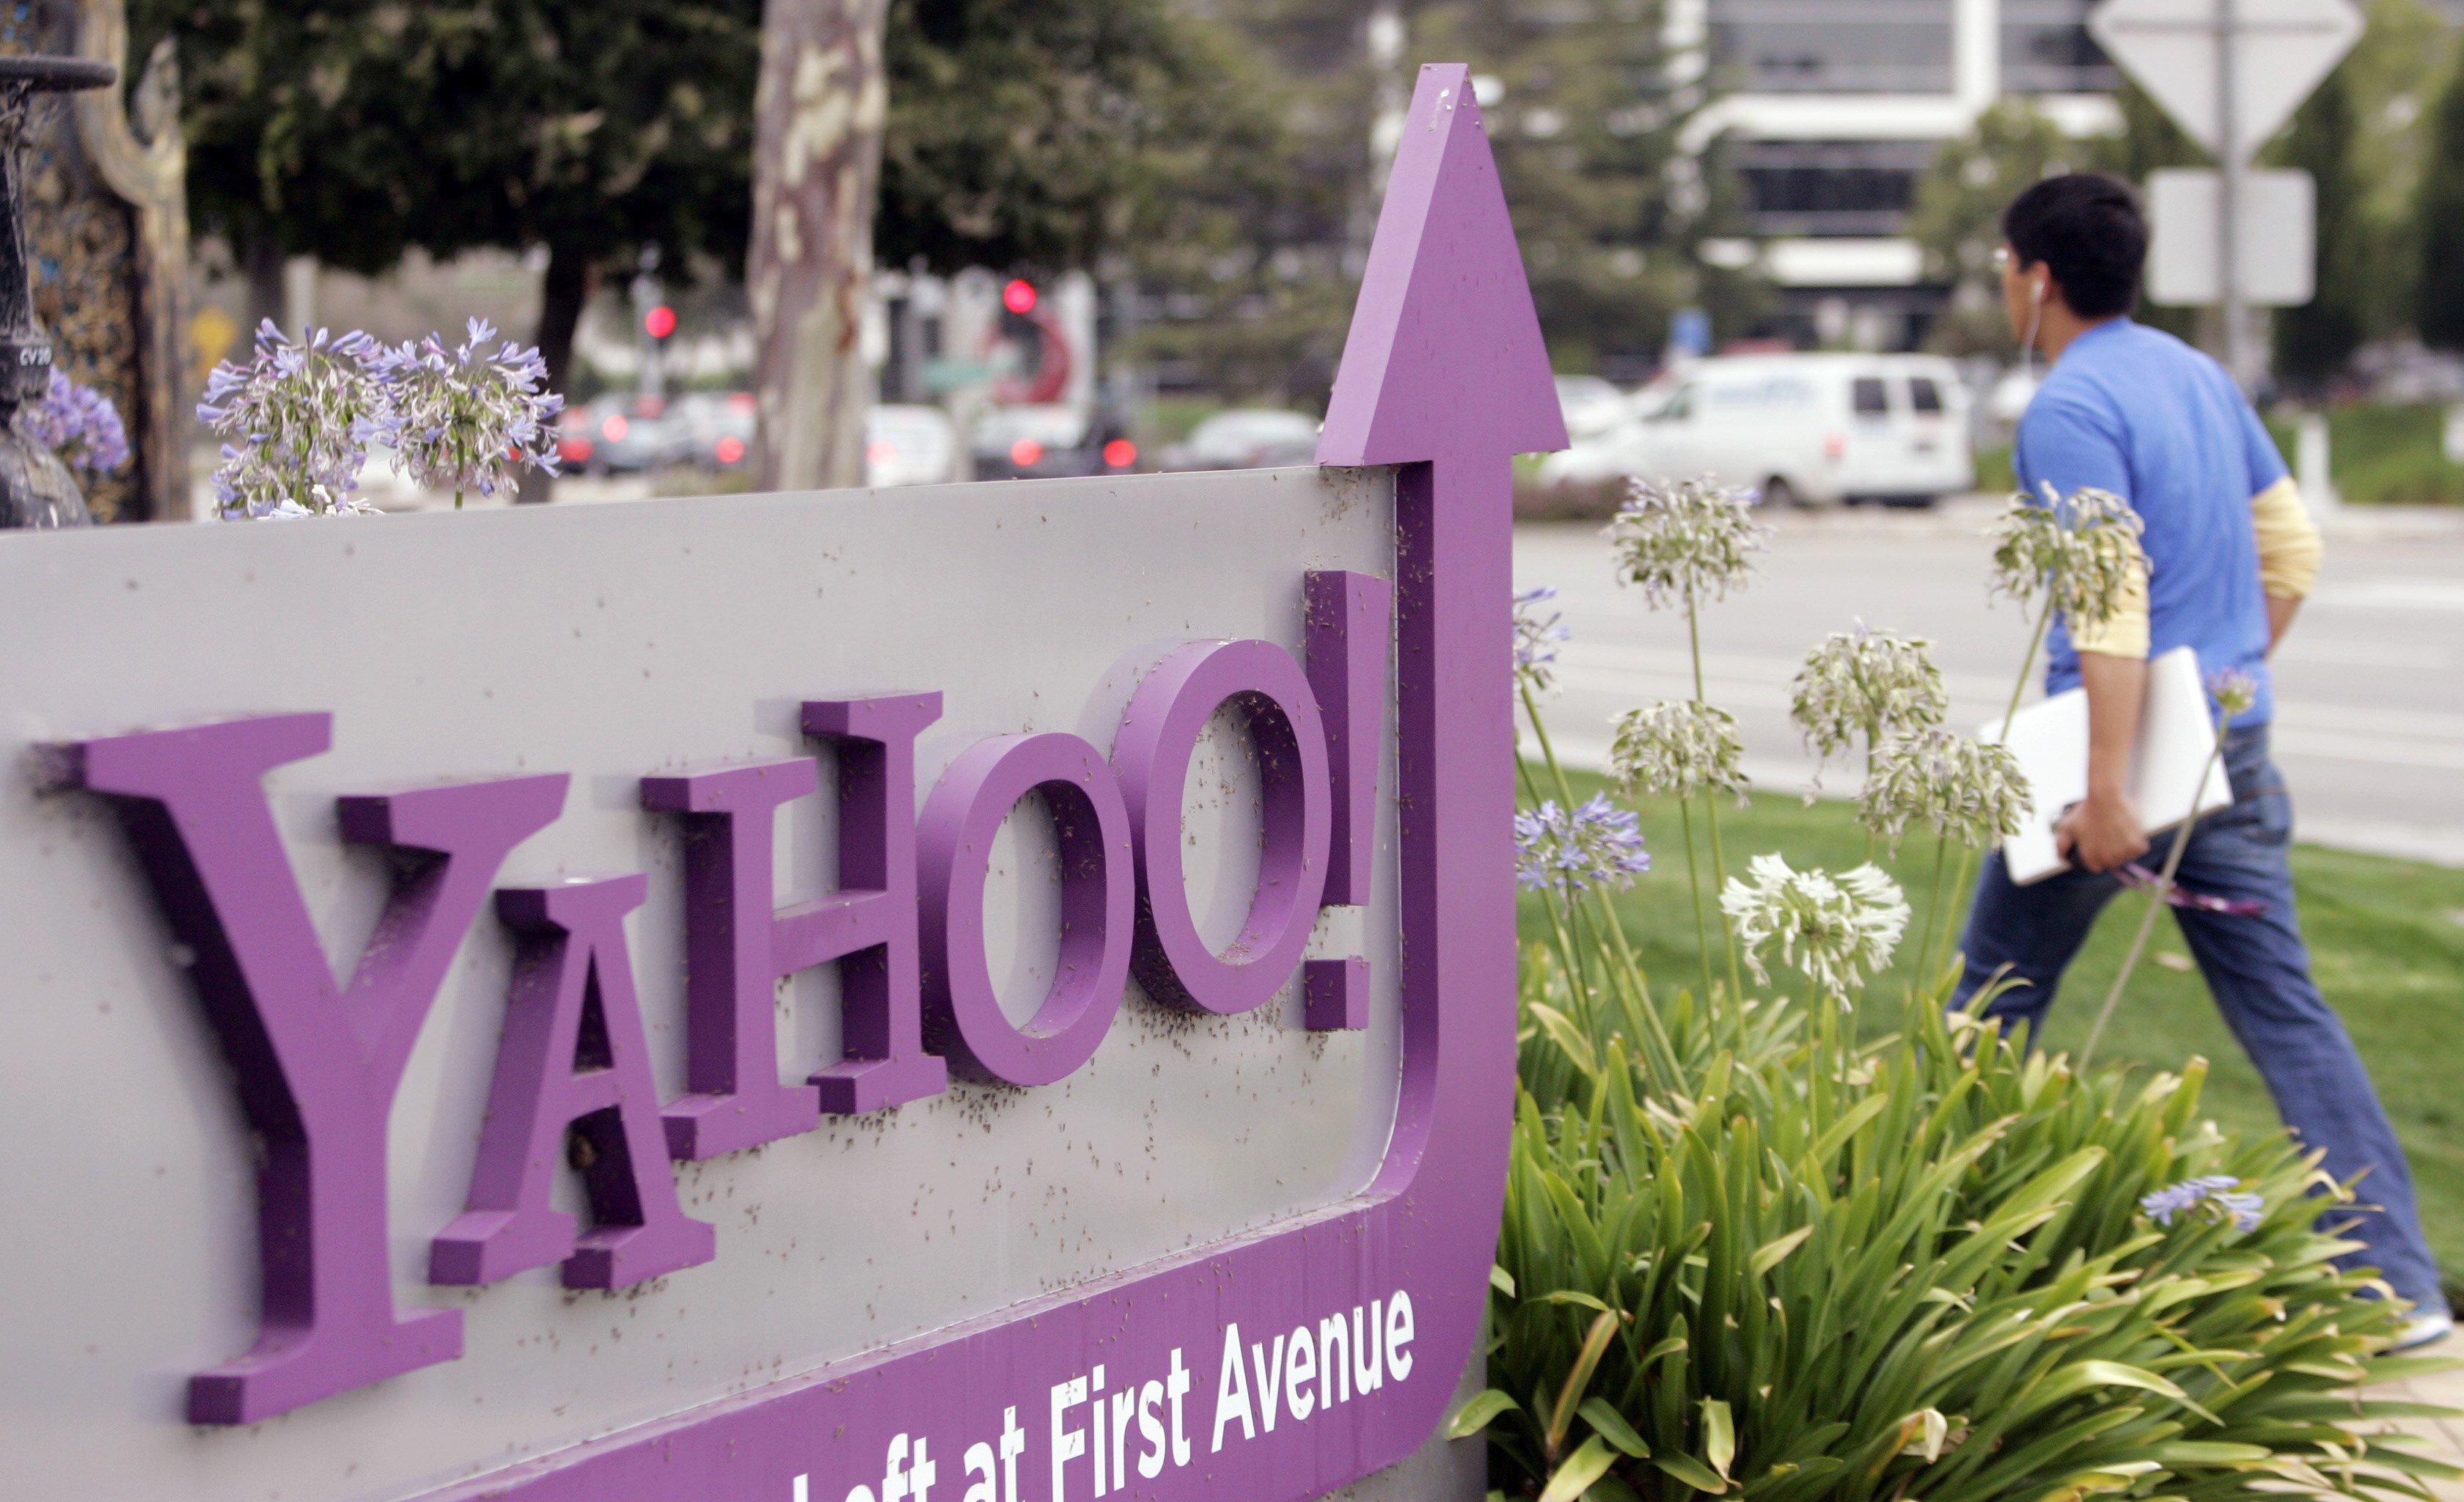 Foto: La sede de Yahoo en Sunnyvale, California / Archivo